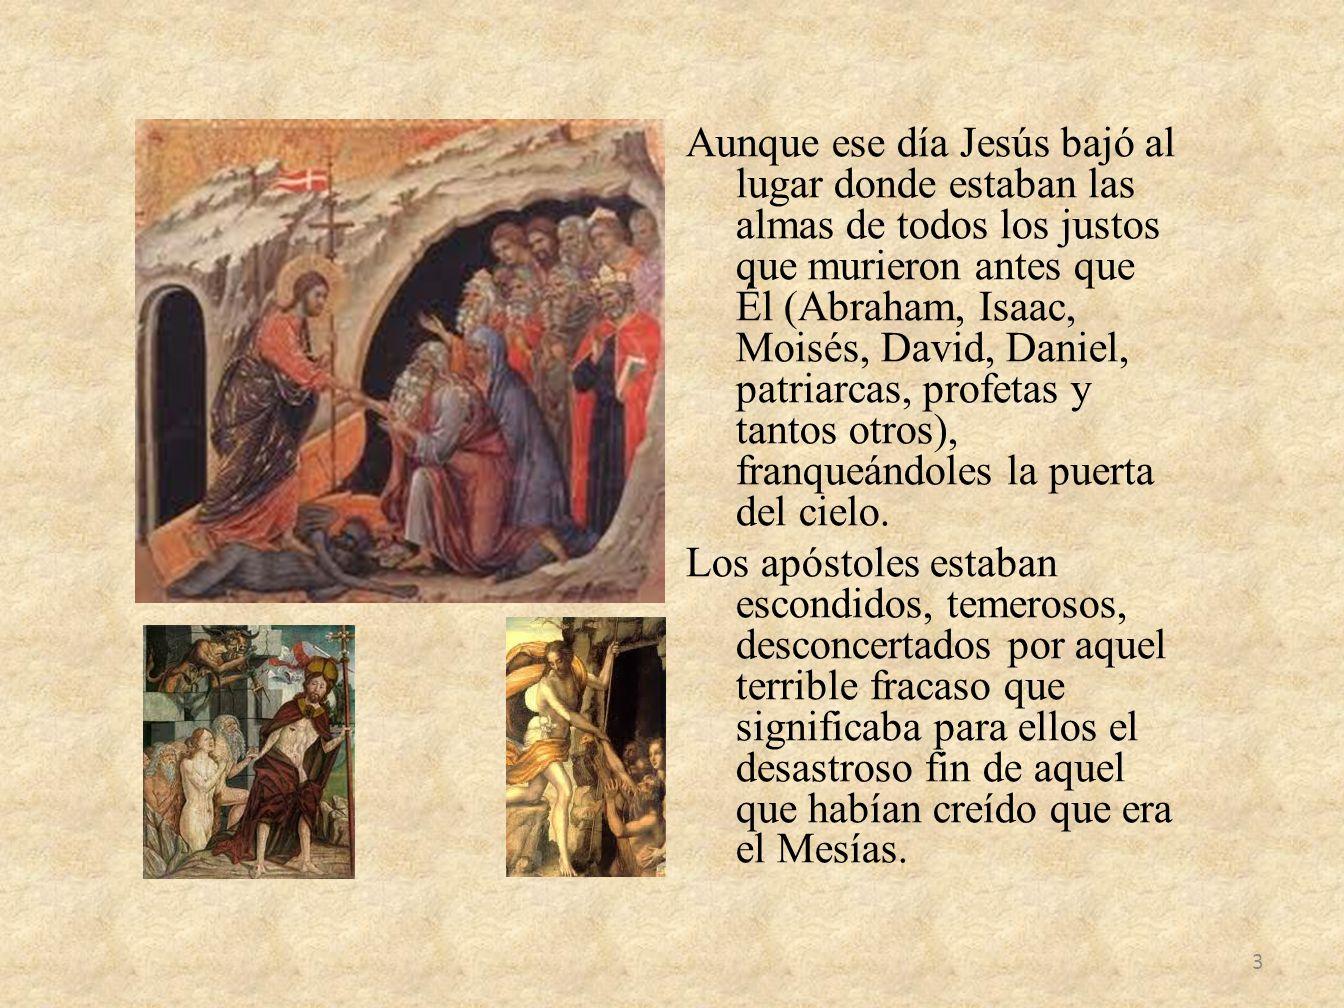 Aunque ese día Jesús bajó al lugar donde estaban las almas de todos los justos que murieron antes que Él (Abraham, Isaac, Moisés, David, Daniel, patri